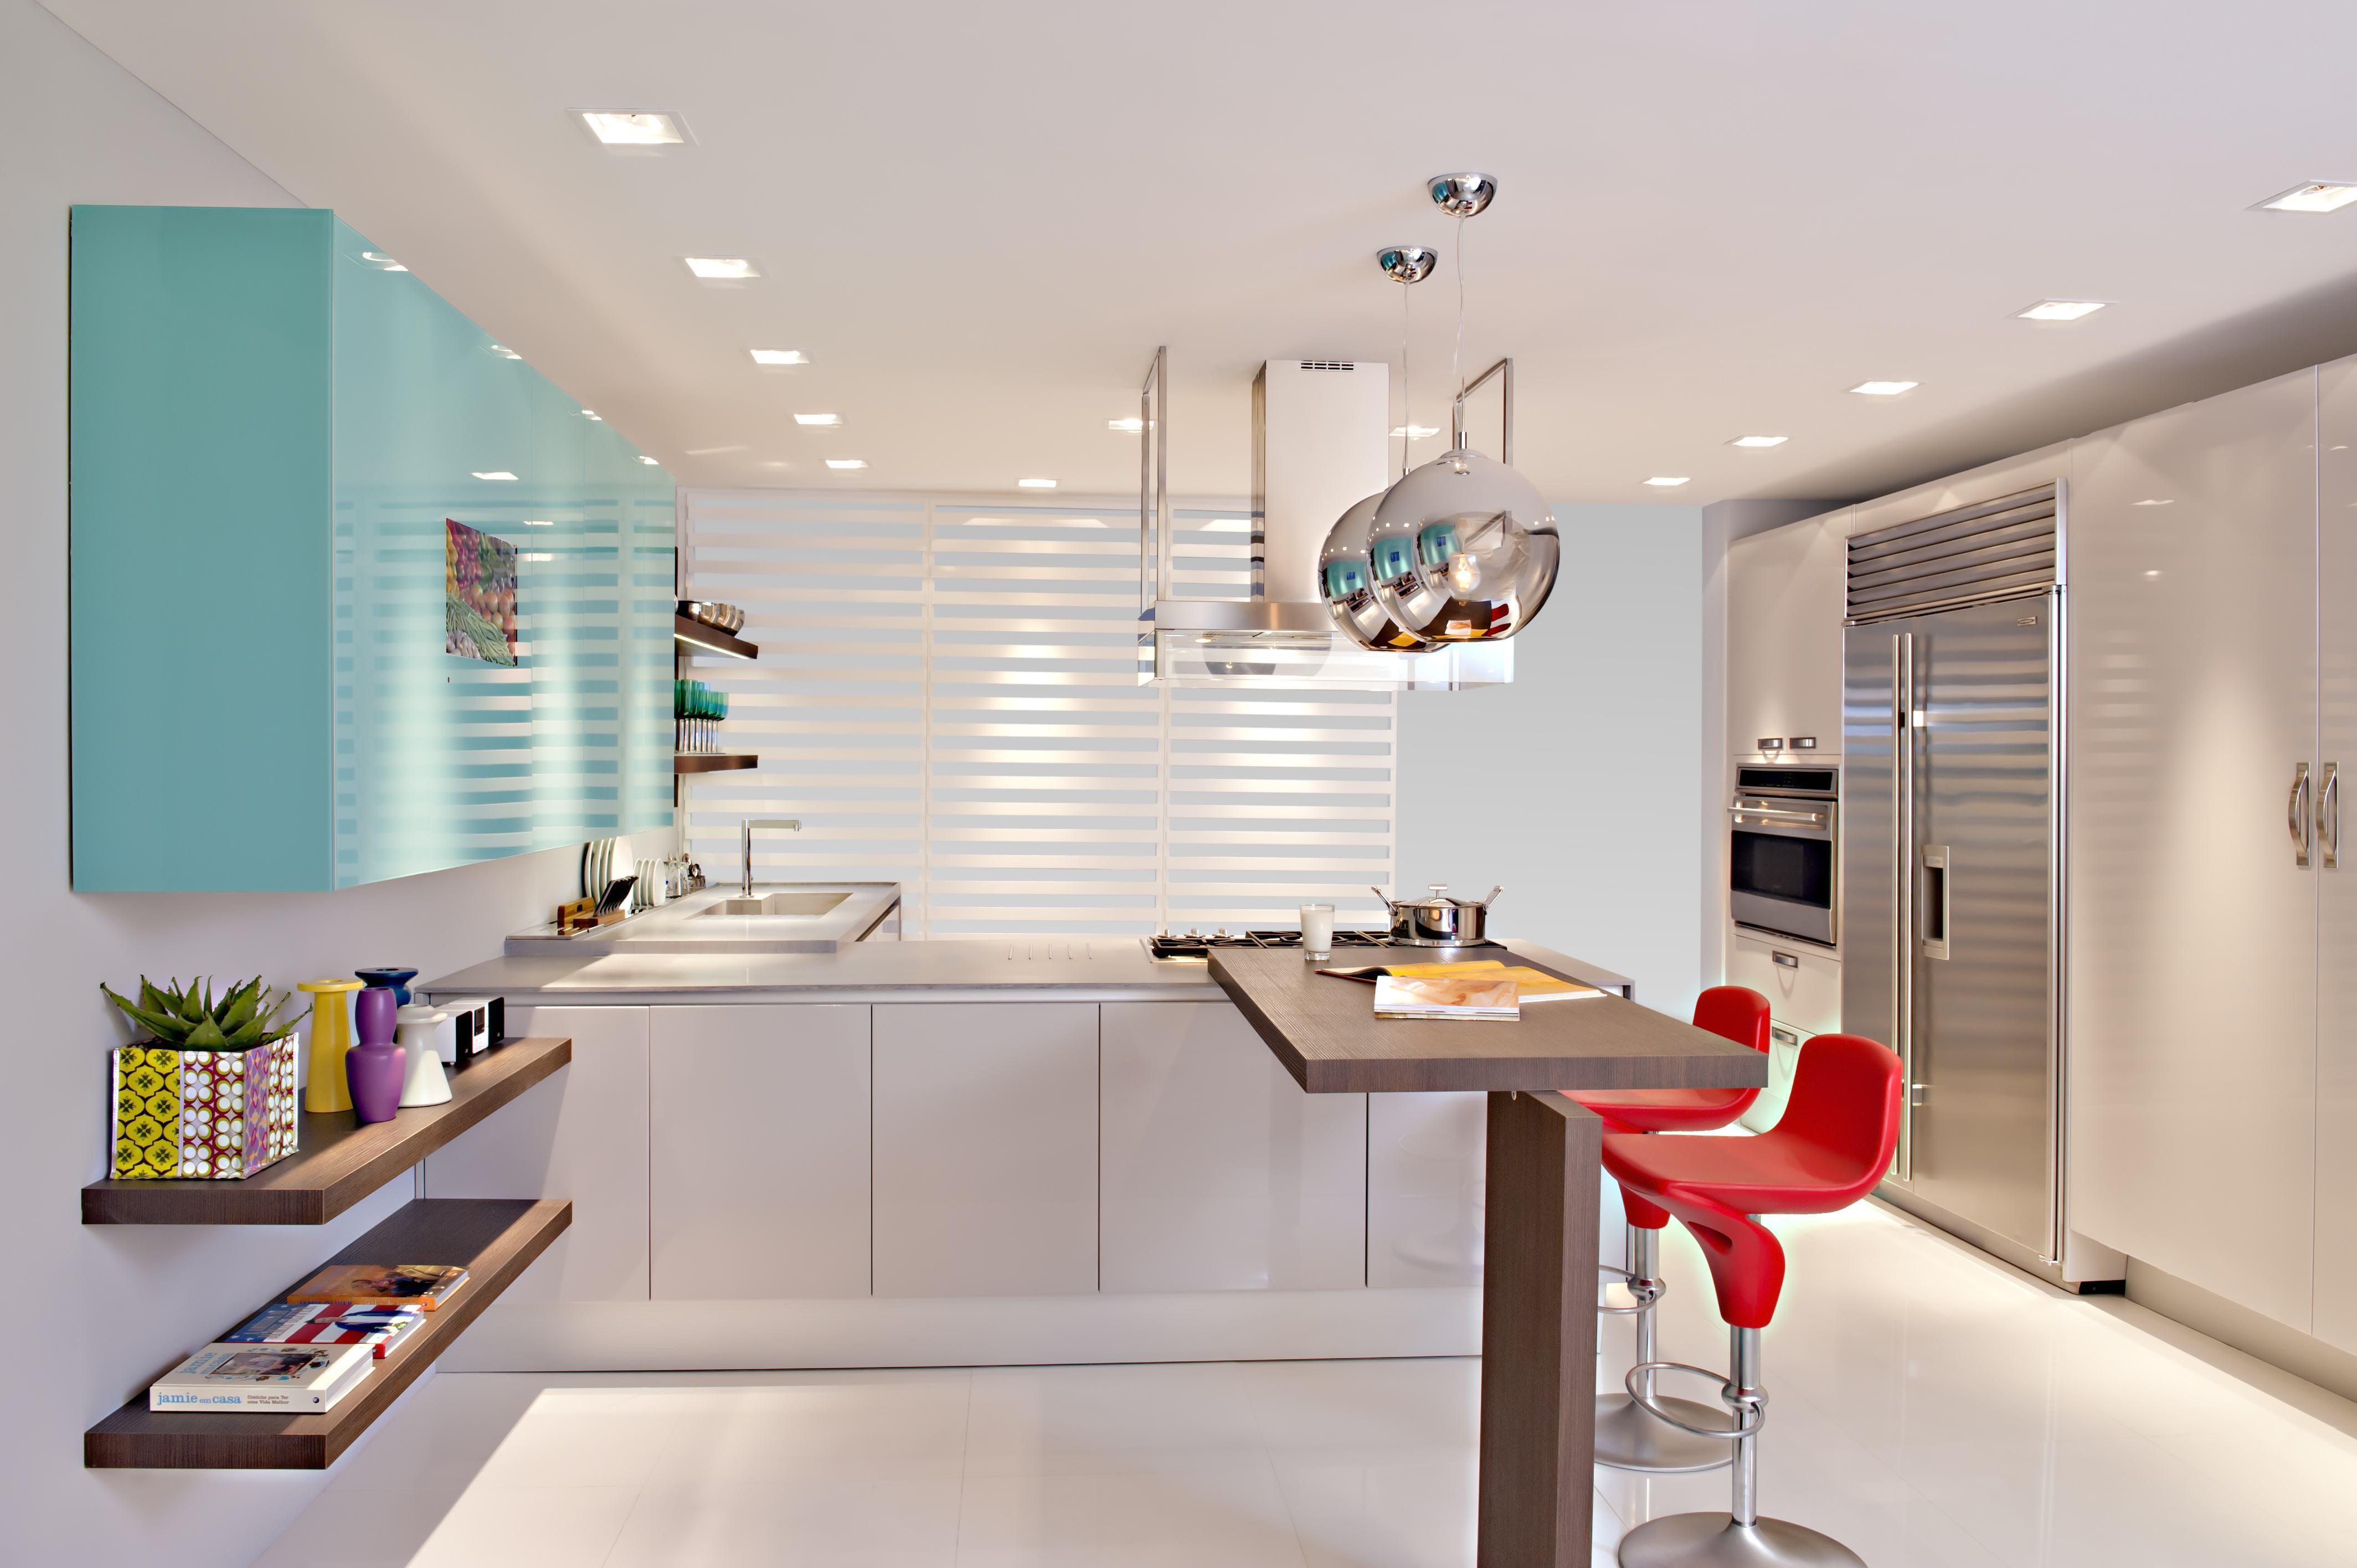 Destaque sua cozinha azul com apenas uma parte dos armários revestida na cor